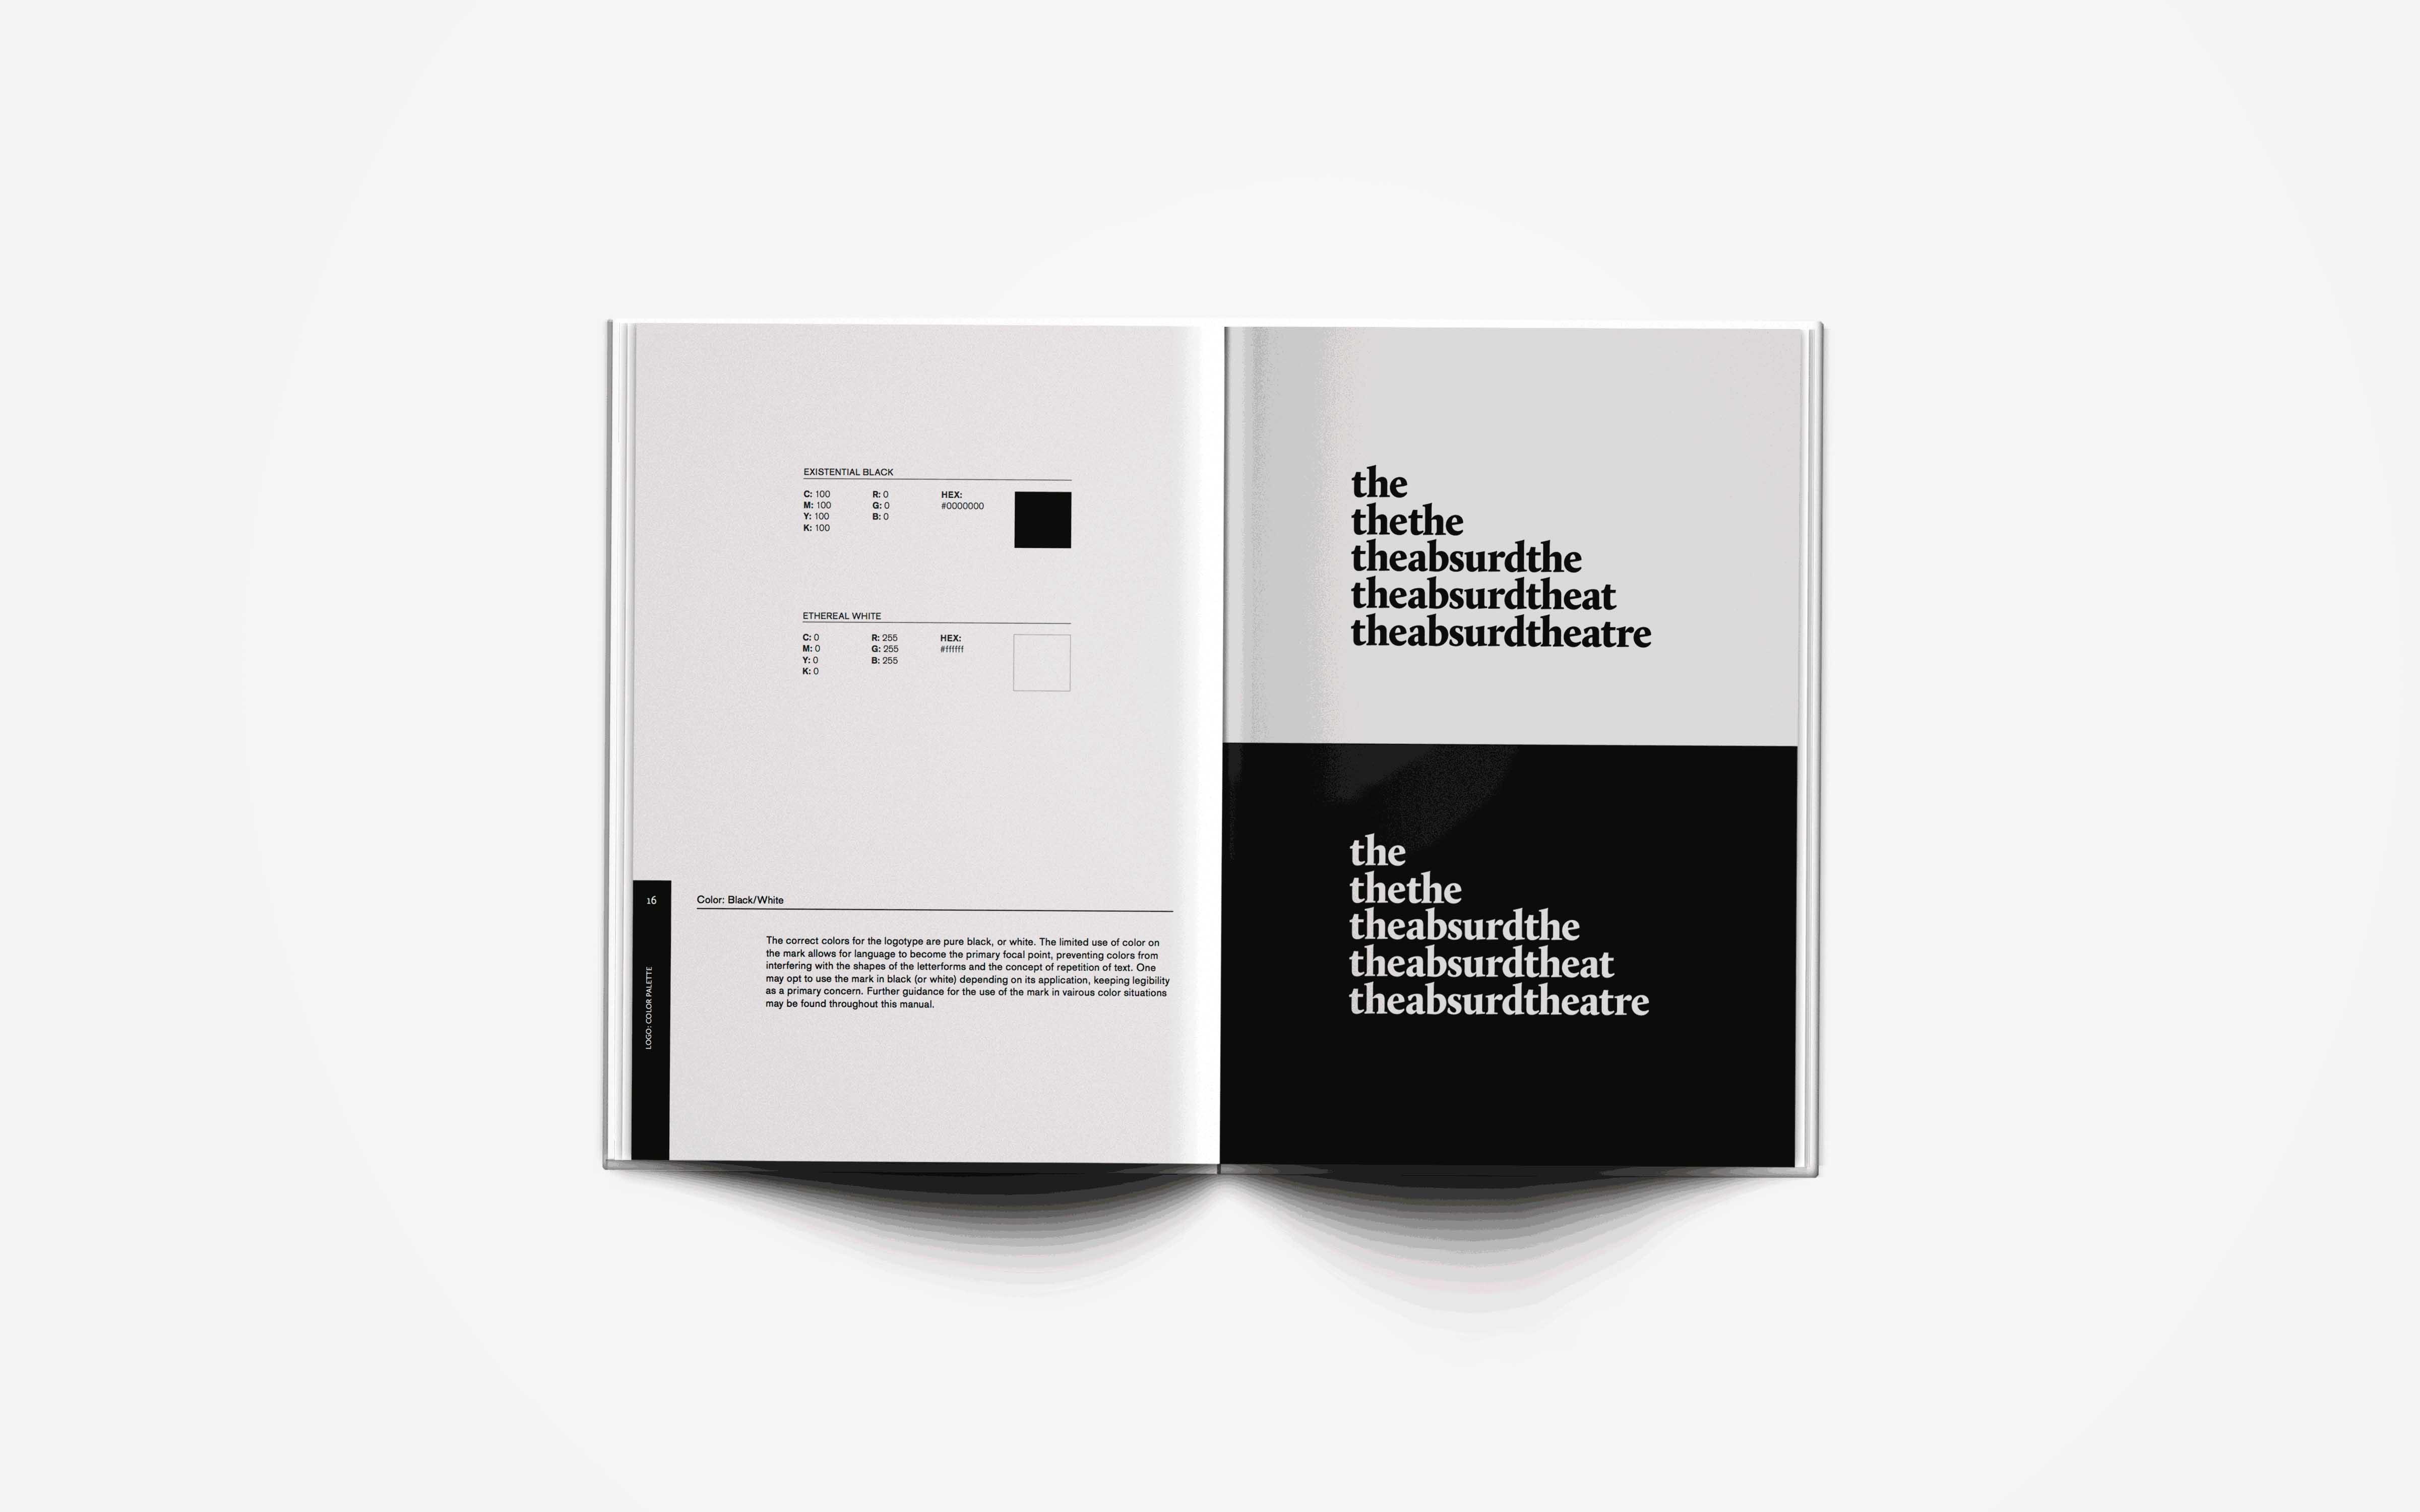 manual-2_0010_Layer 7